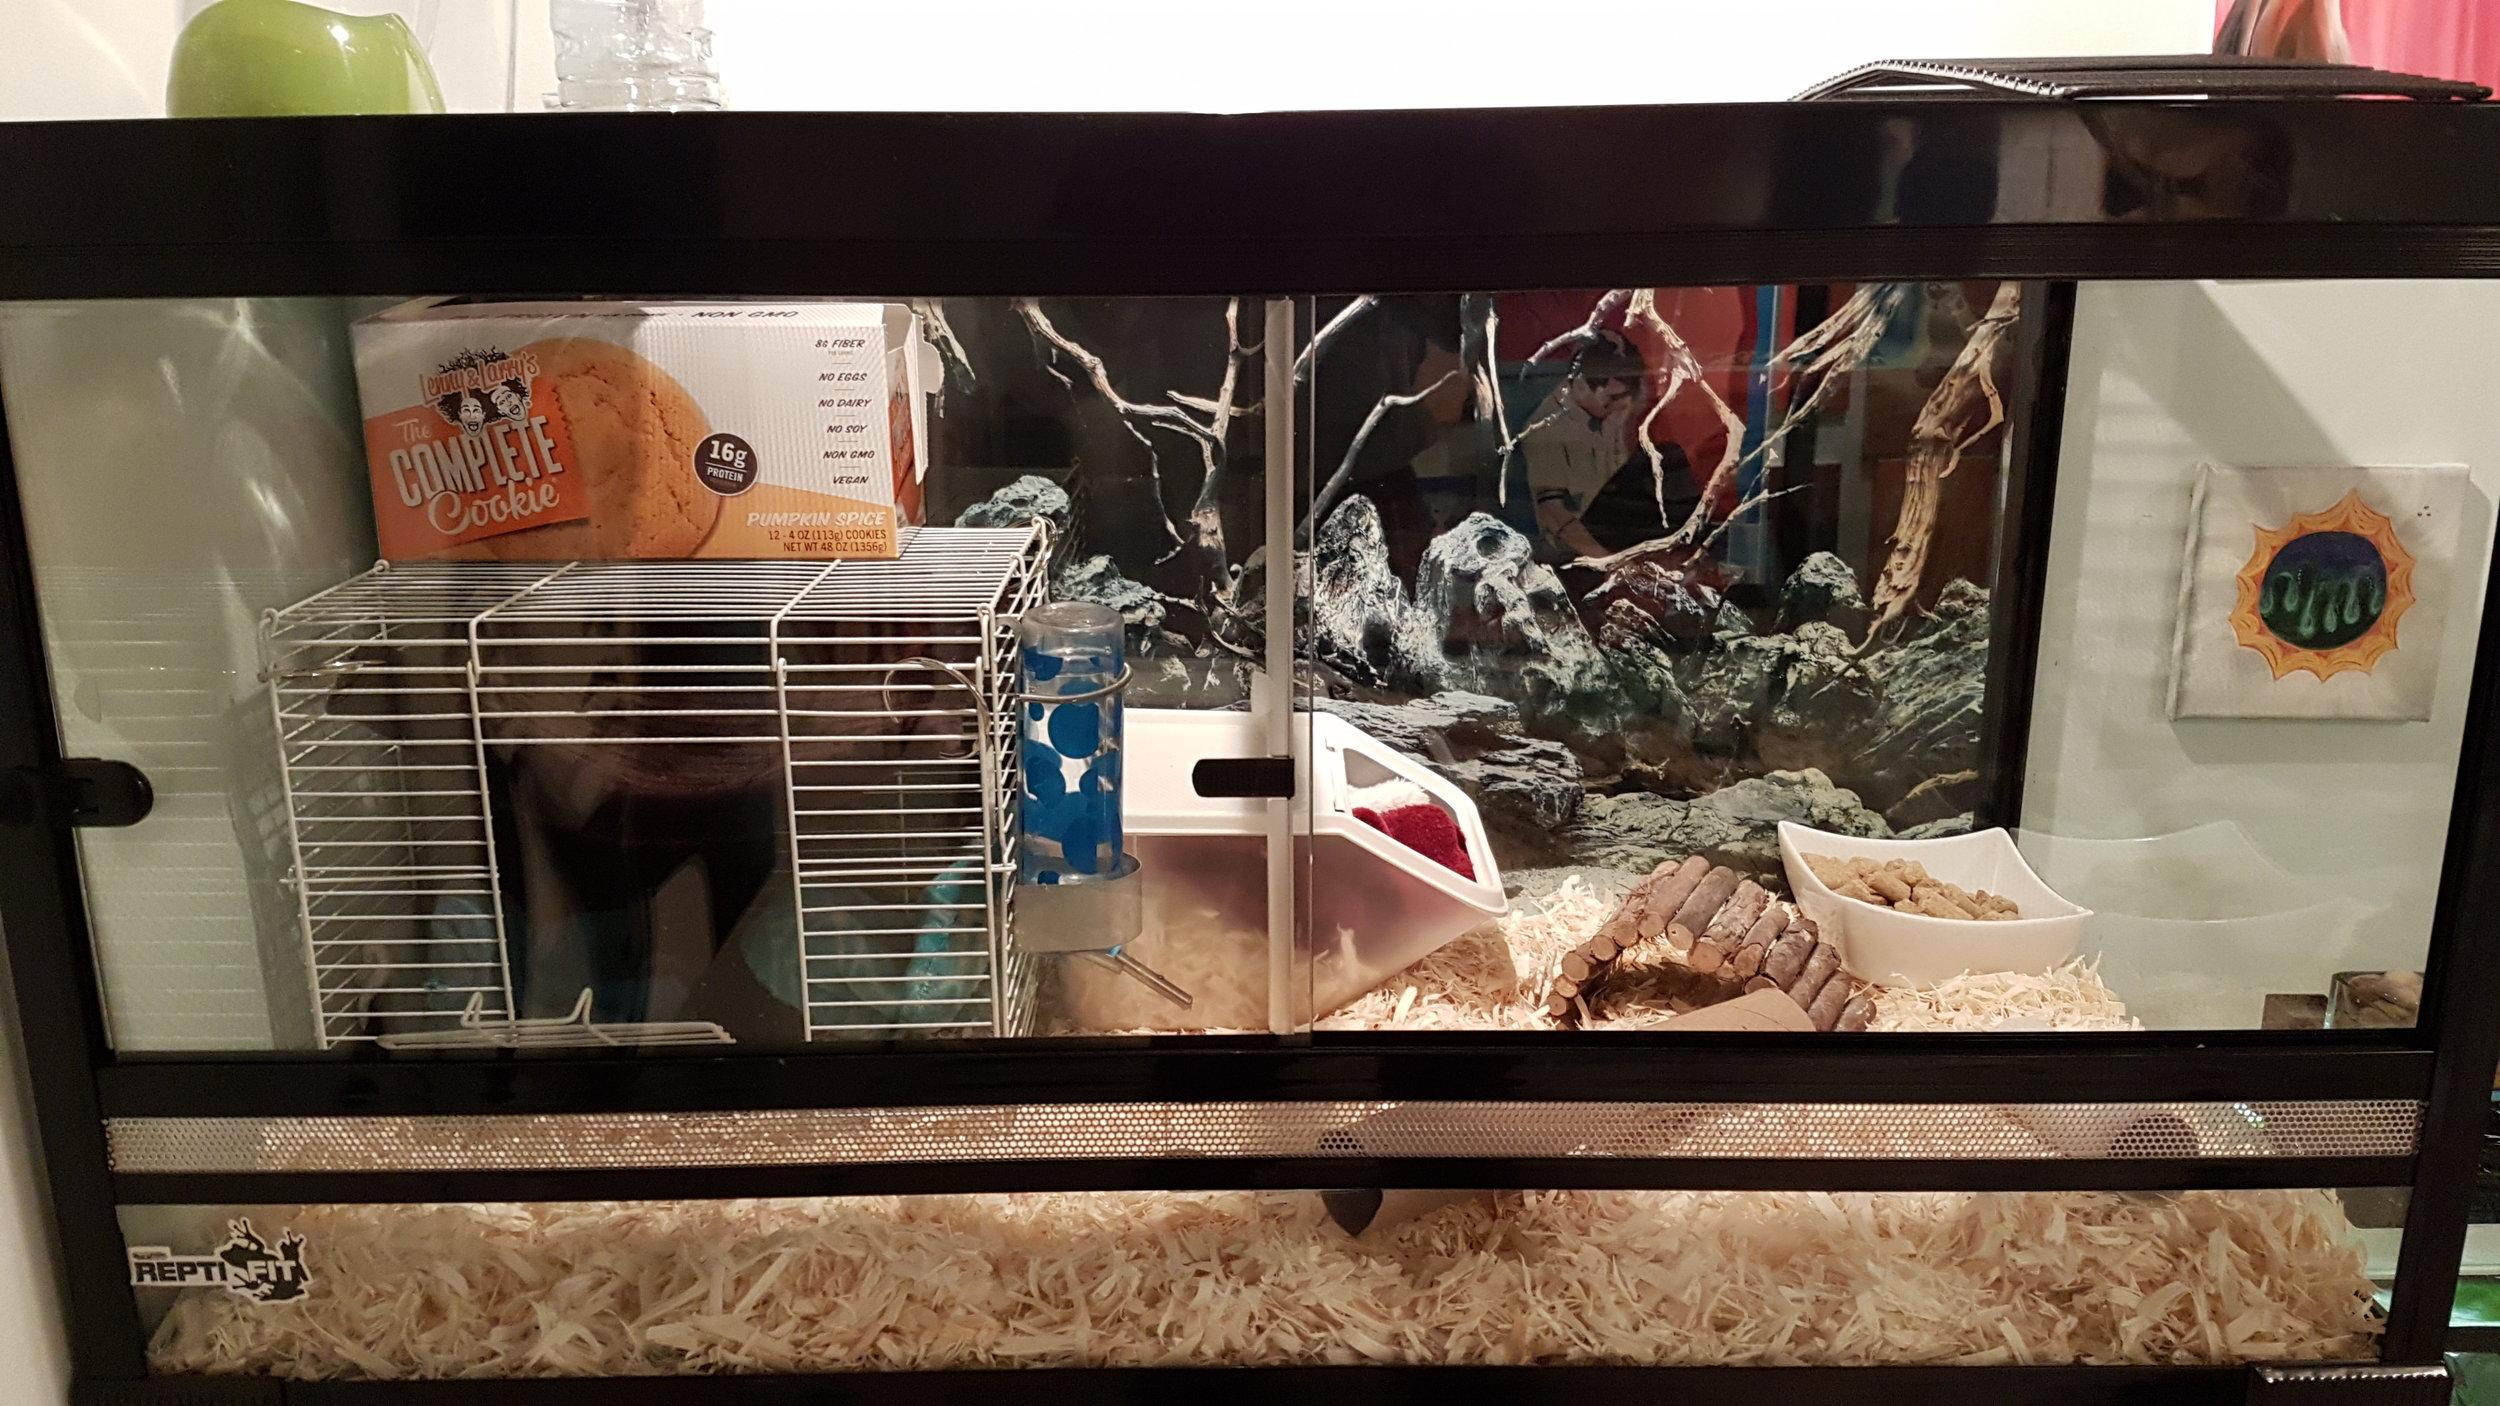 terrarium converted into rat cage